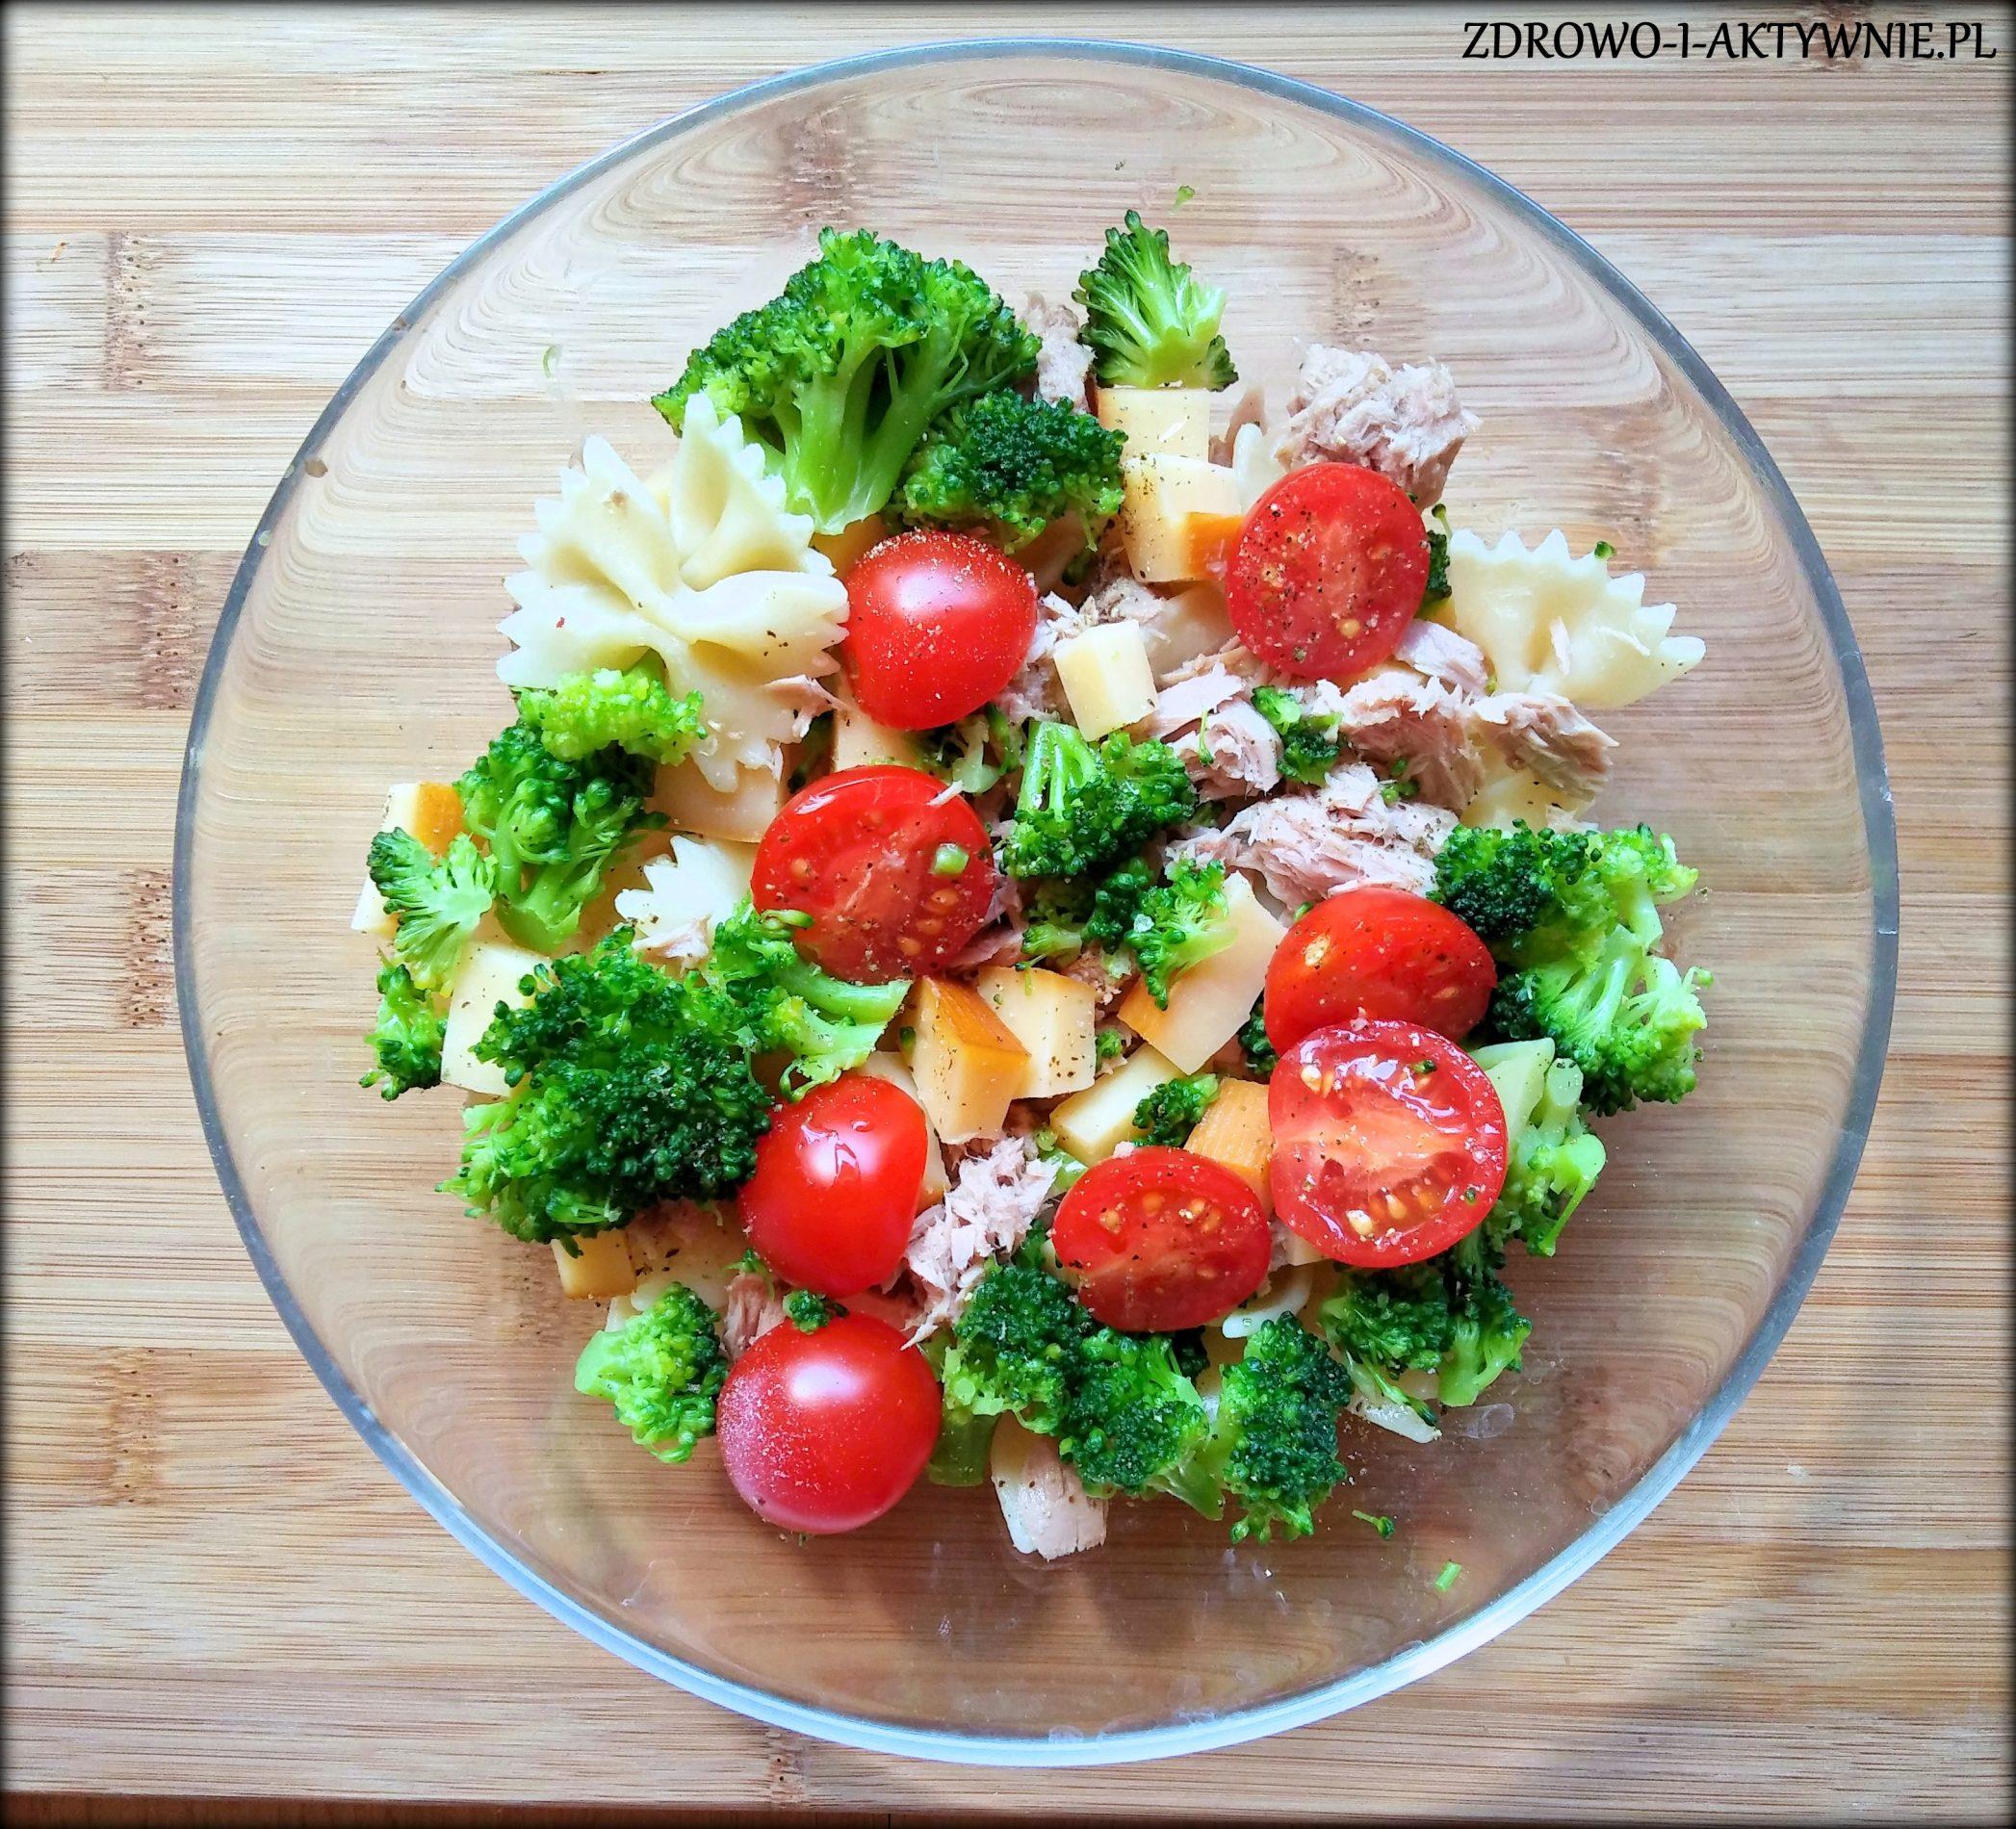 Makaron z tuńczykiem, serem i warzywami